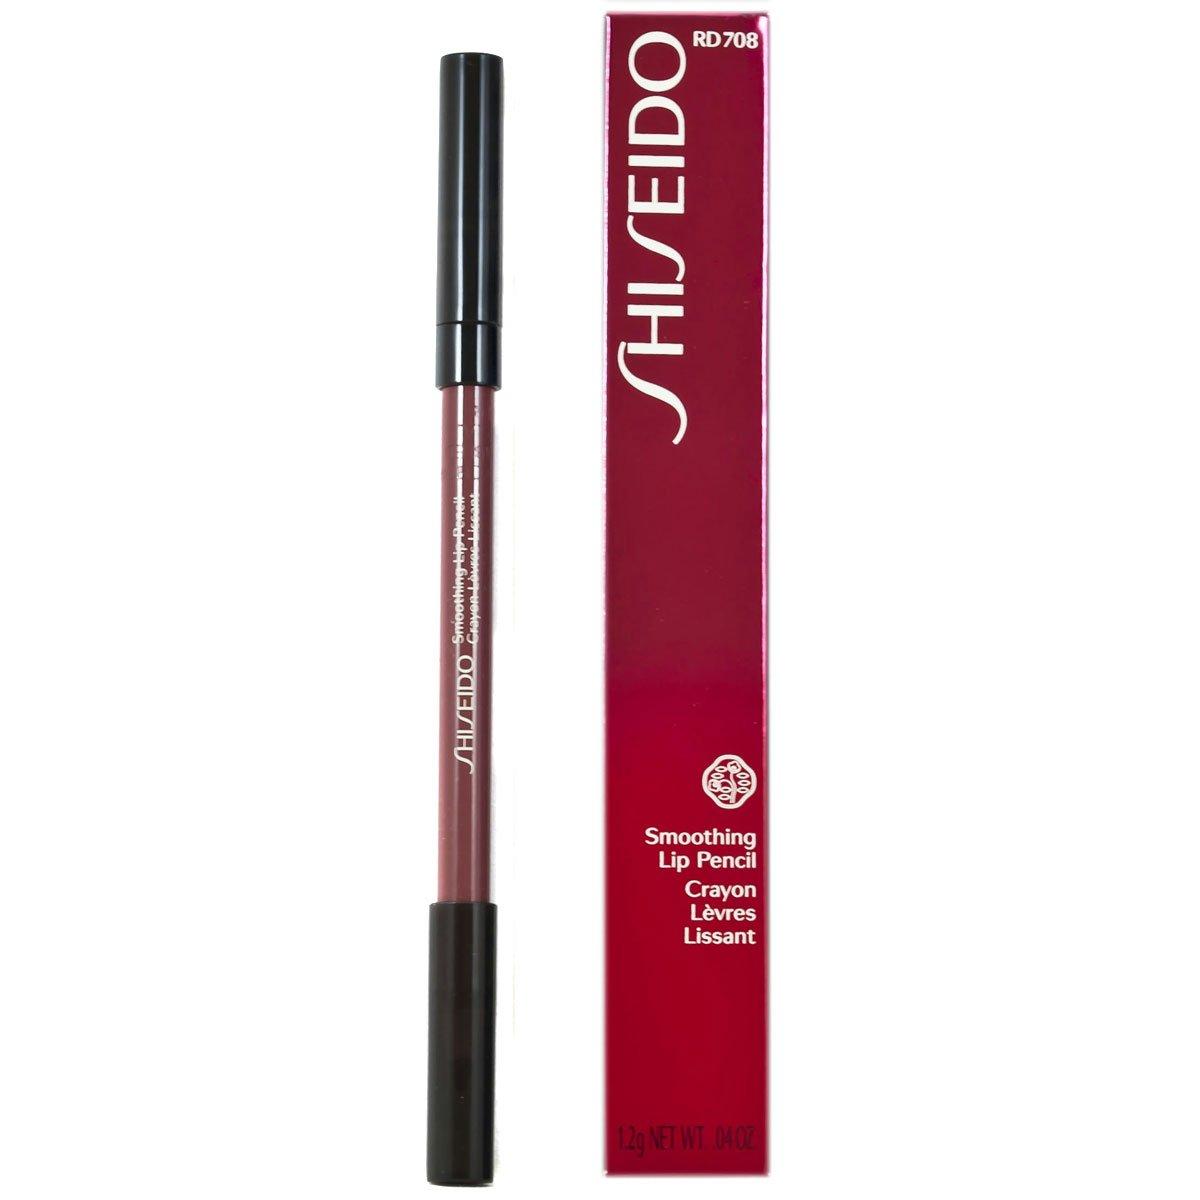 Shiseido Lippen femme/woman, Smoothing Lip Pencil Nummer RD708 Tangelo, 1er Pack (1 x 1 ml) 730852107335 36210